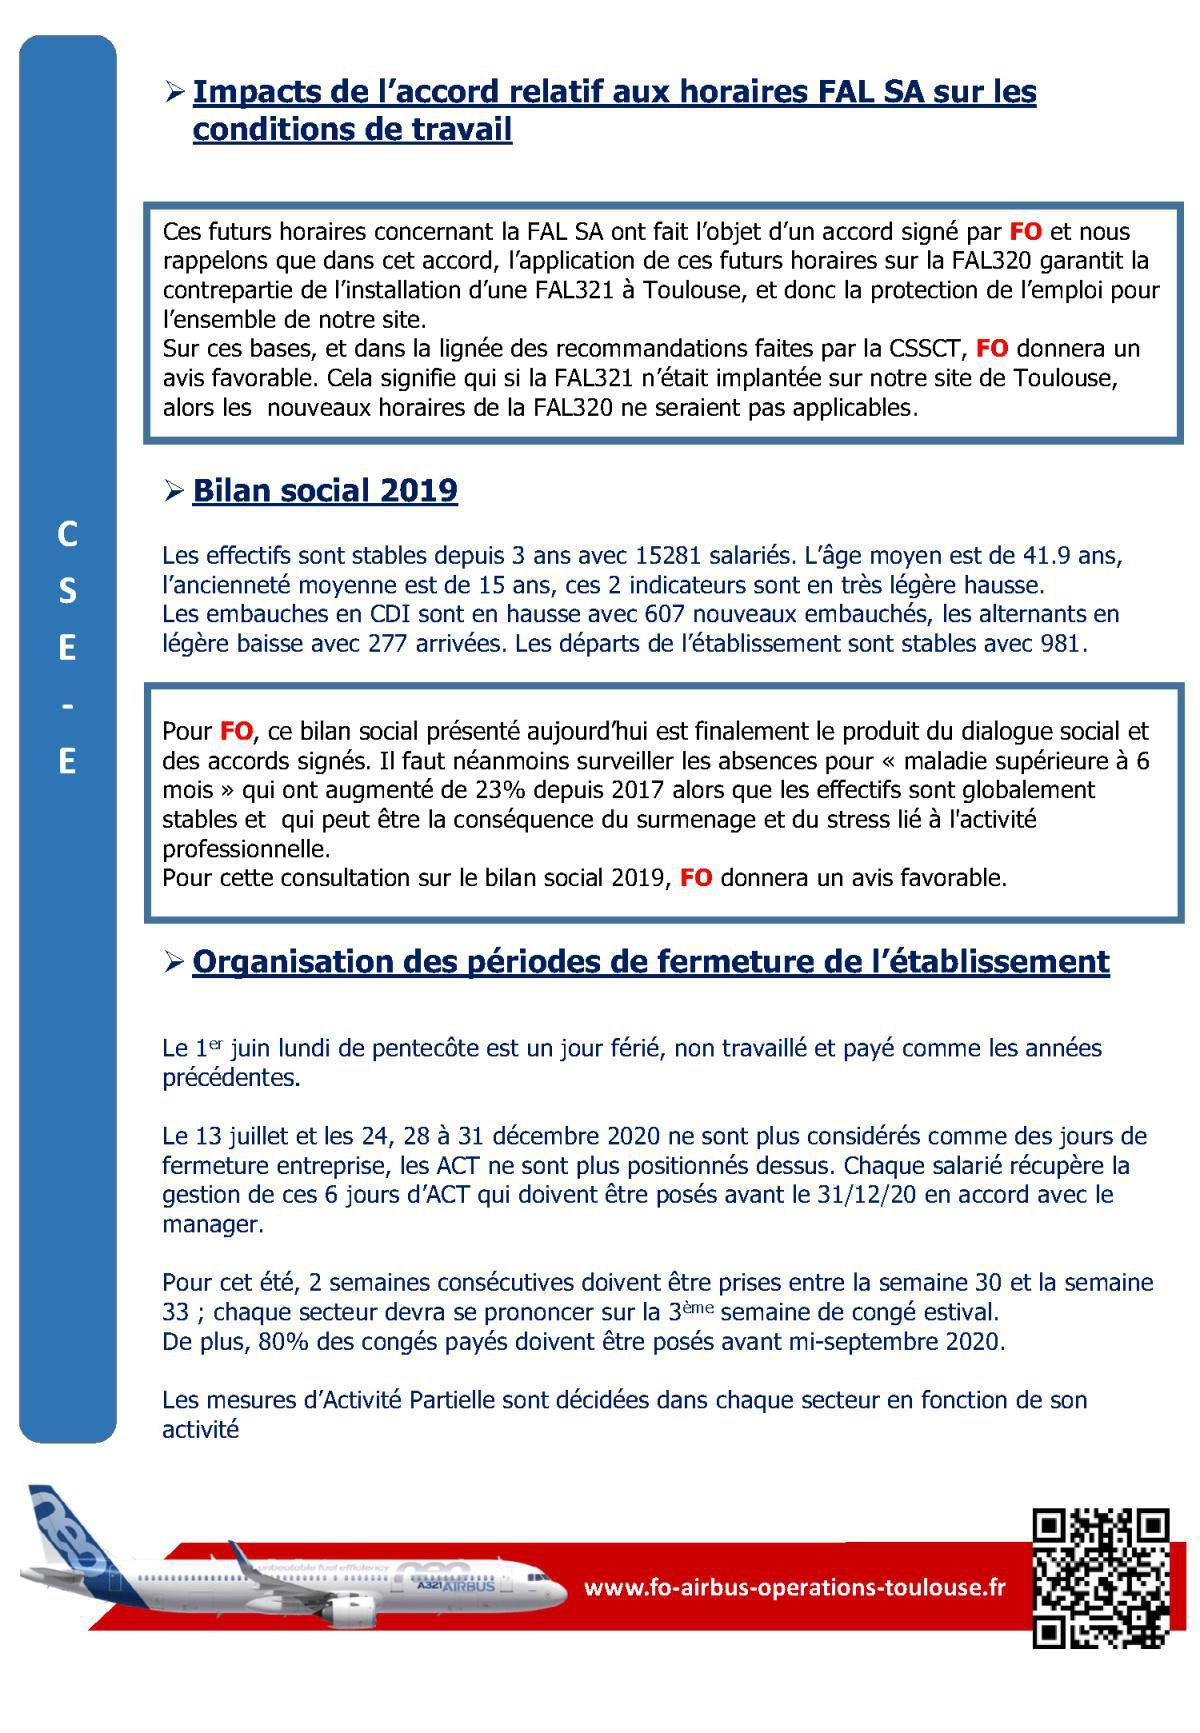 CSE-E du 29 mai 2020